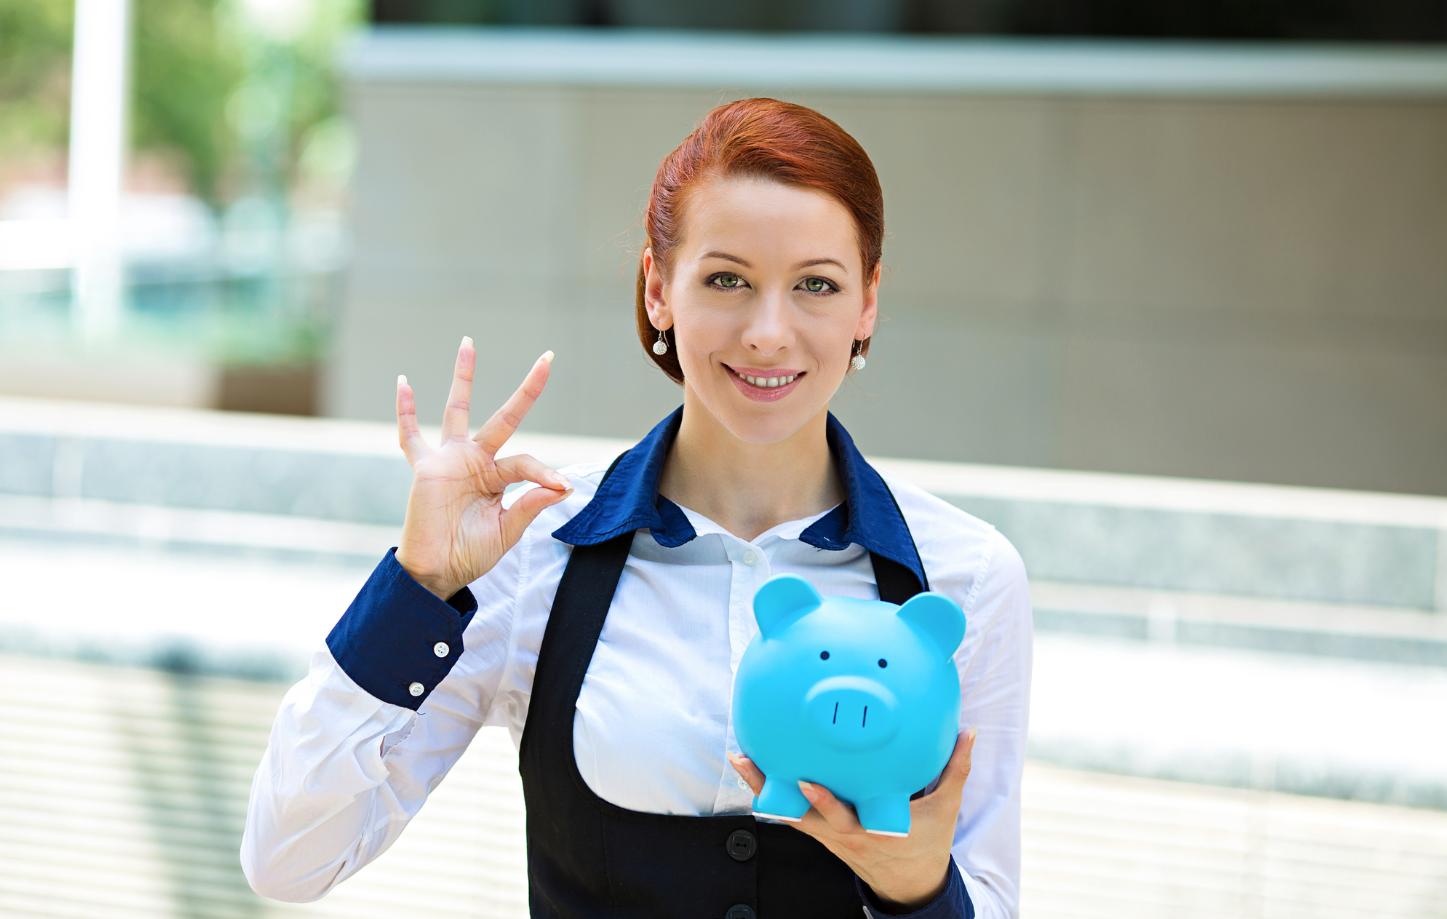 Идеи бизнеса на кредите бизнес идея разведение осетра